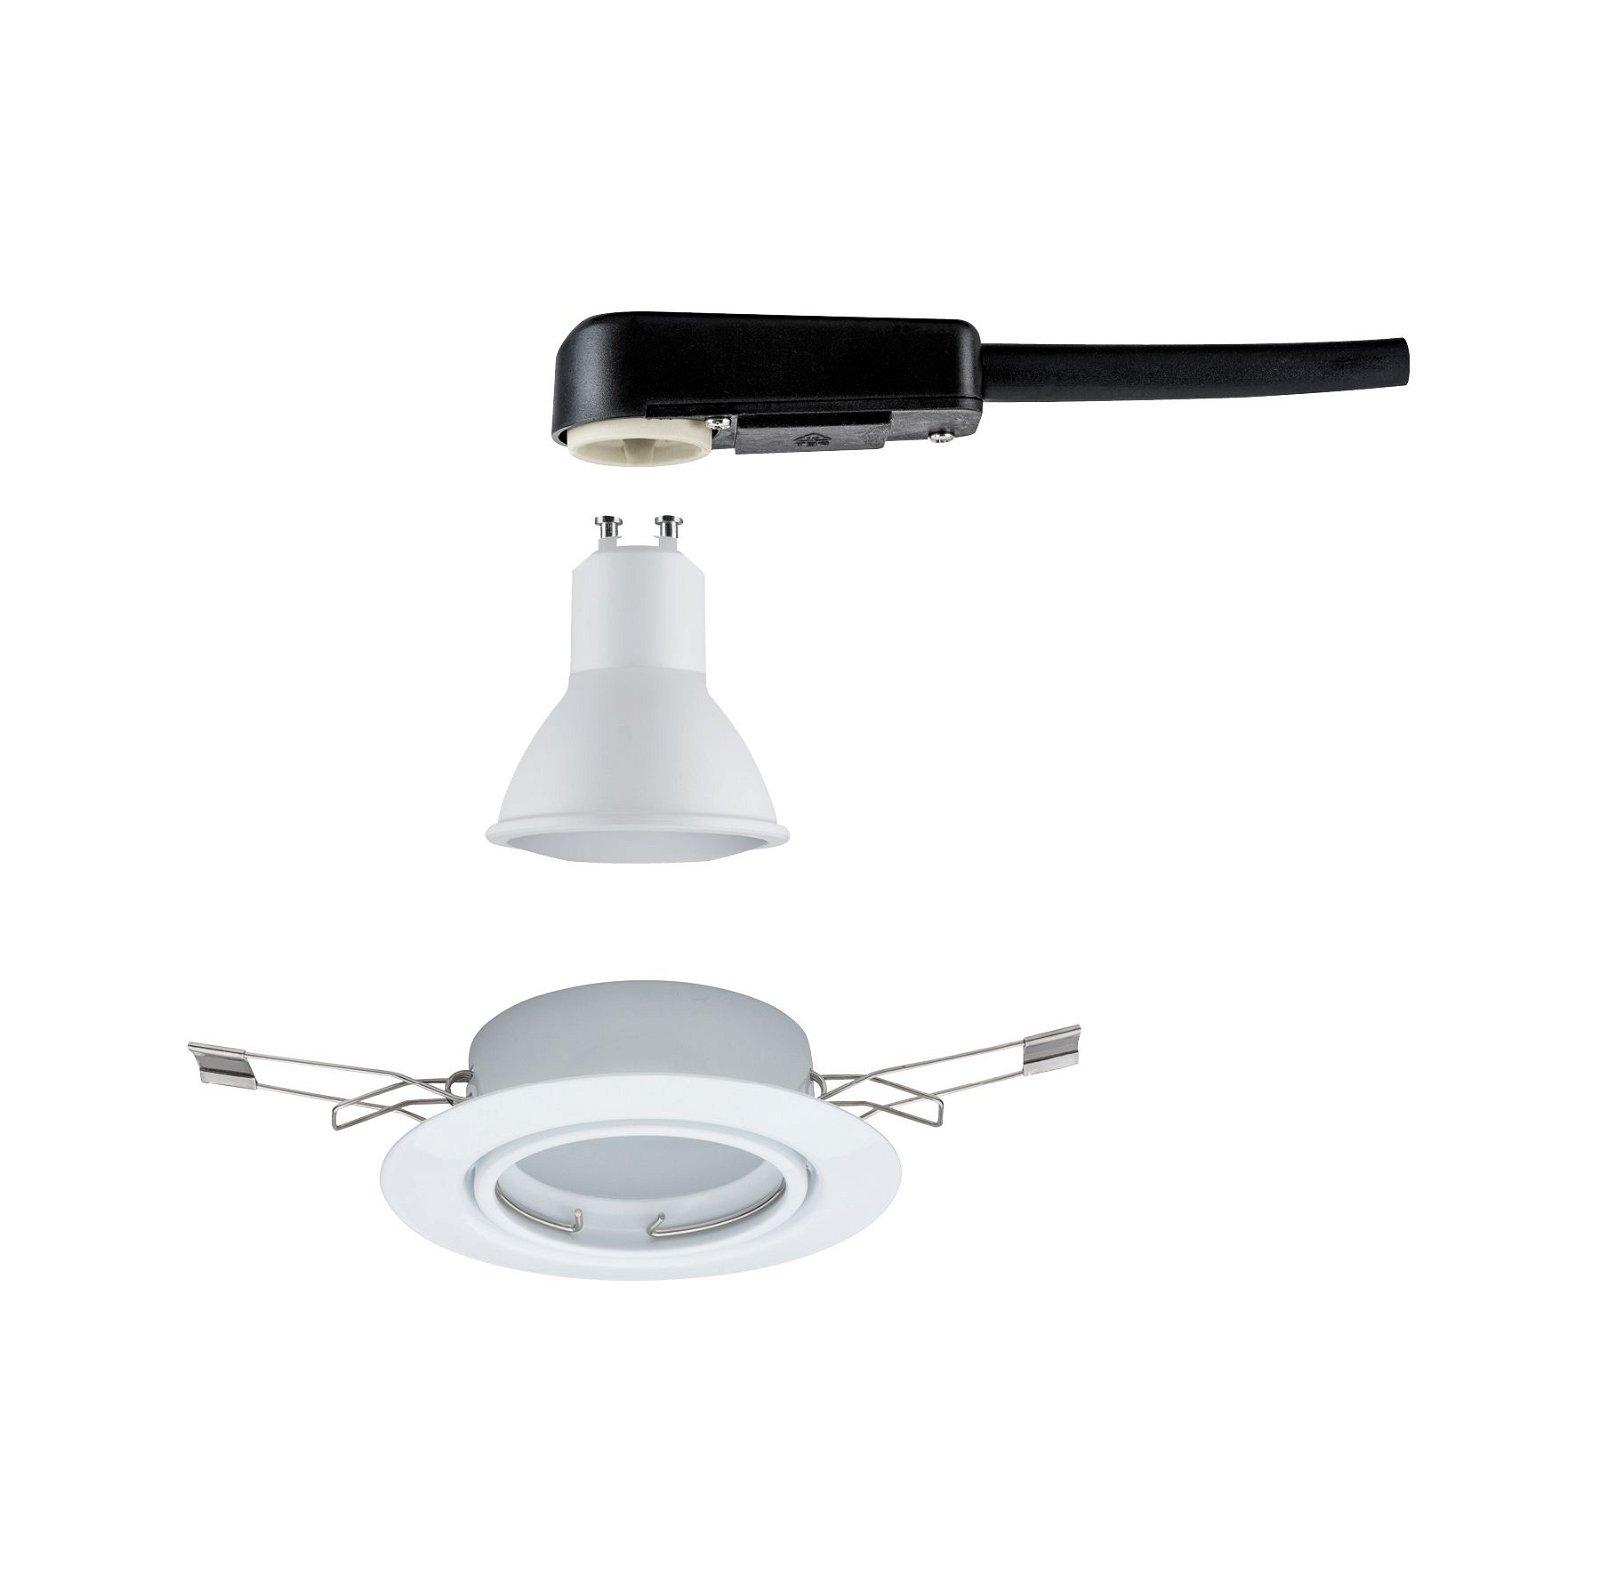 LED Einbauleuchte Base Einzelleuchte schwenkbar rund 90mm 20° GU10 5W 350lm 230V 3000K Weiß